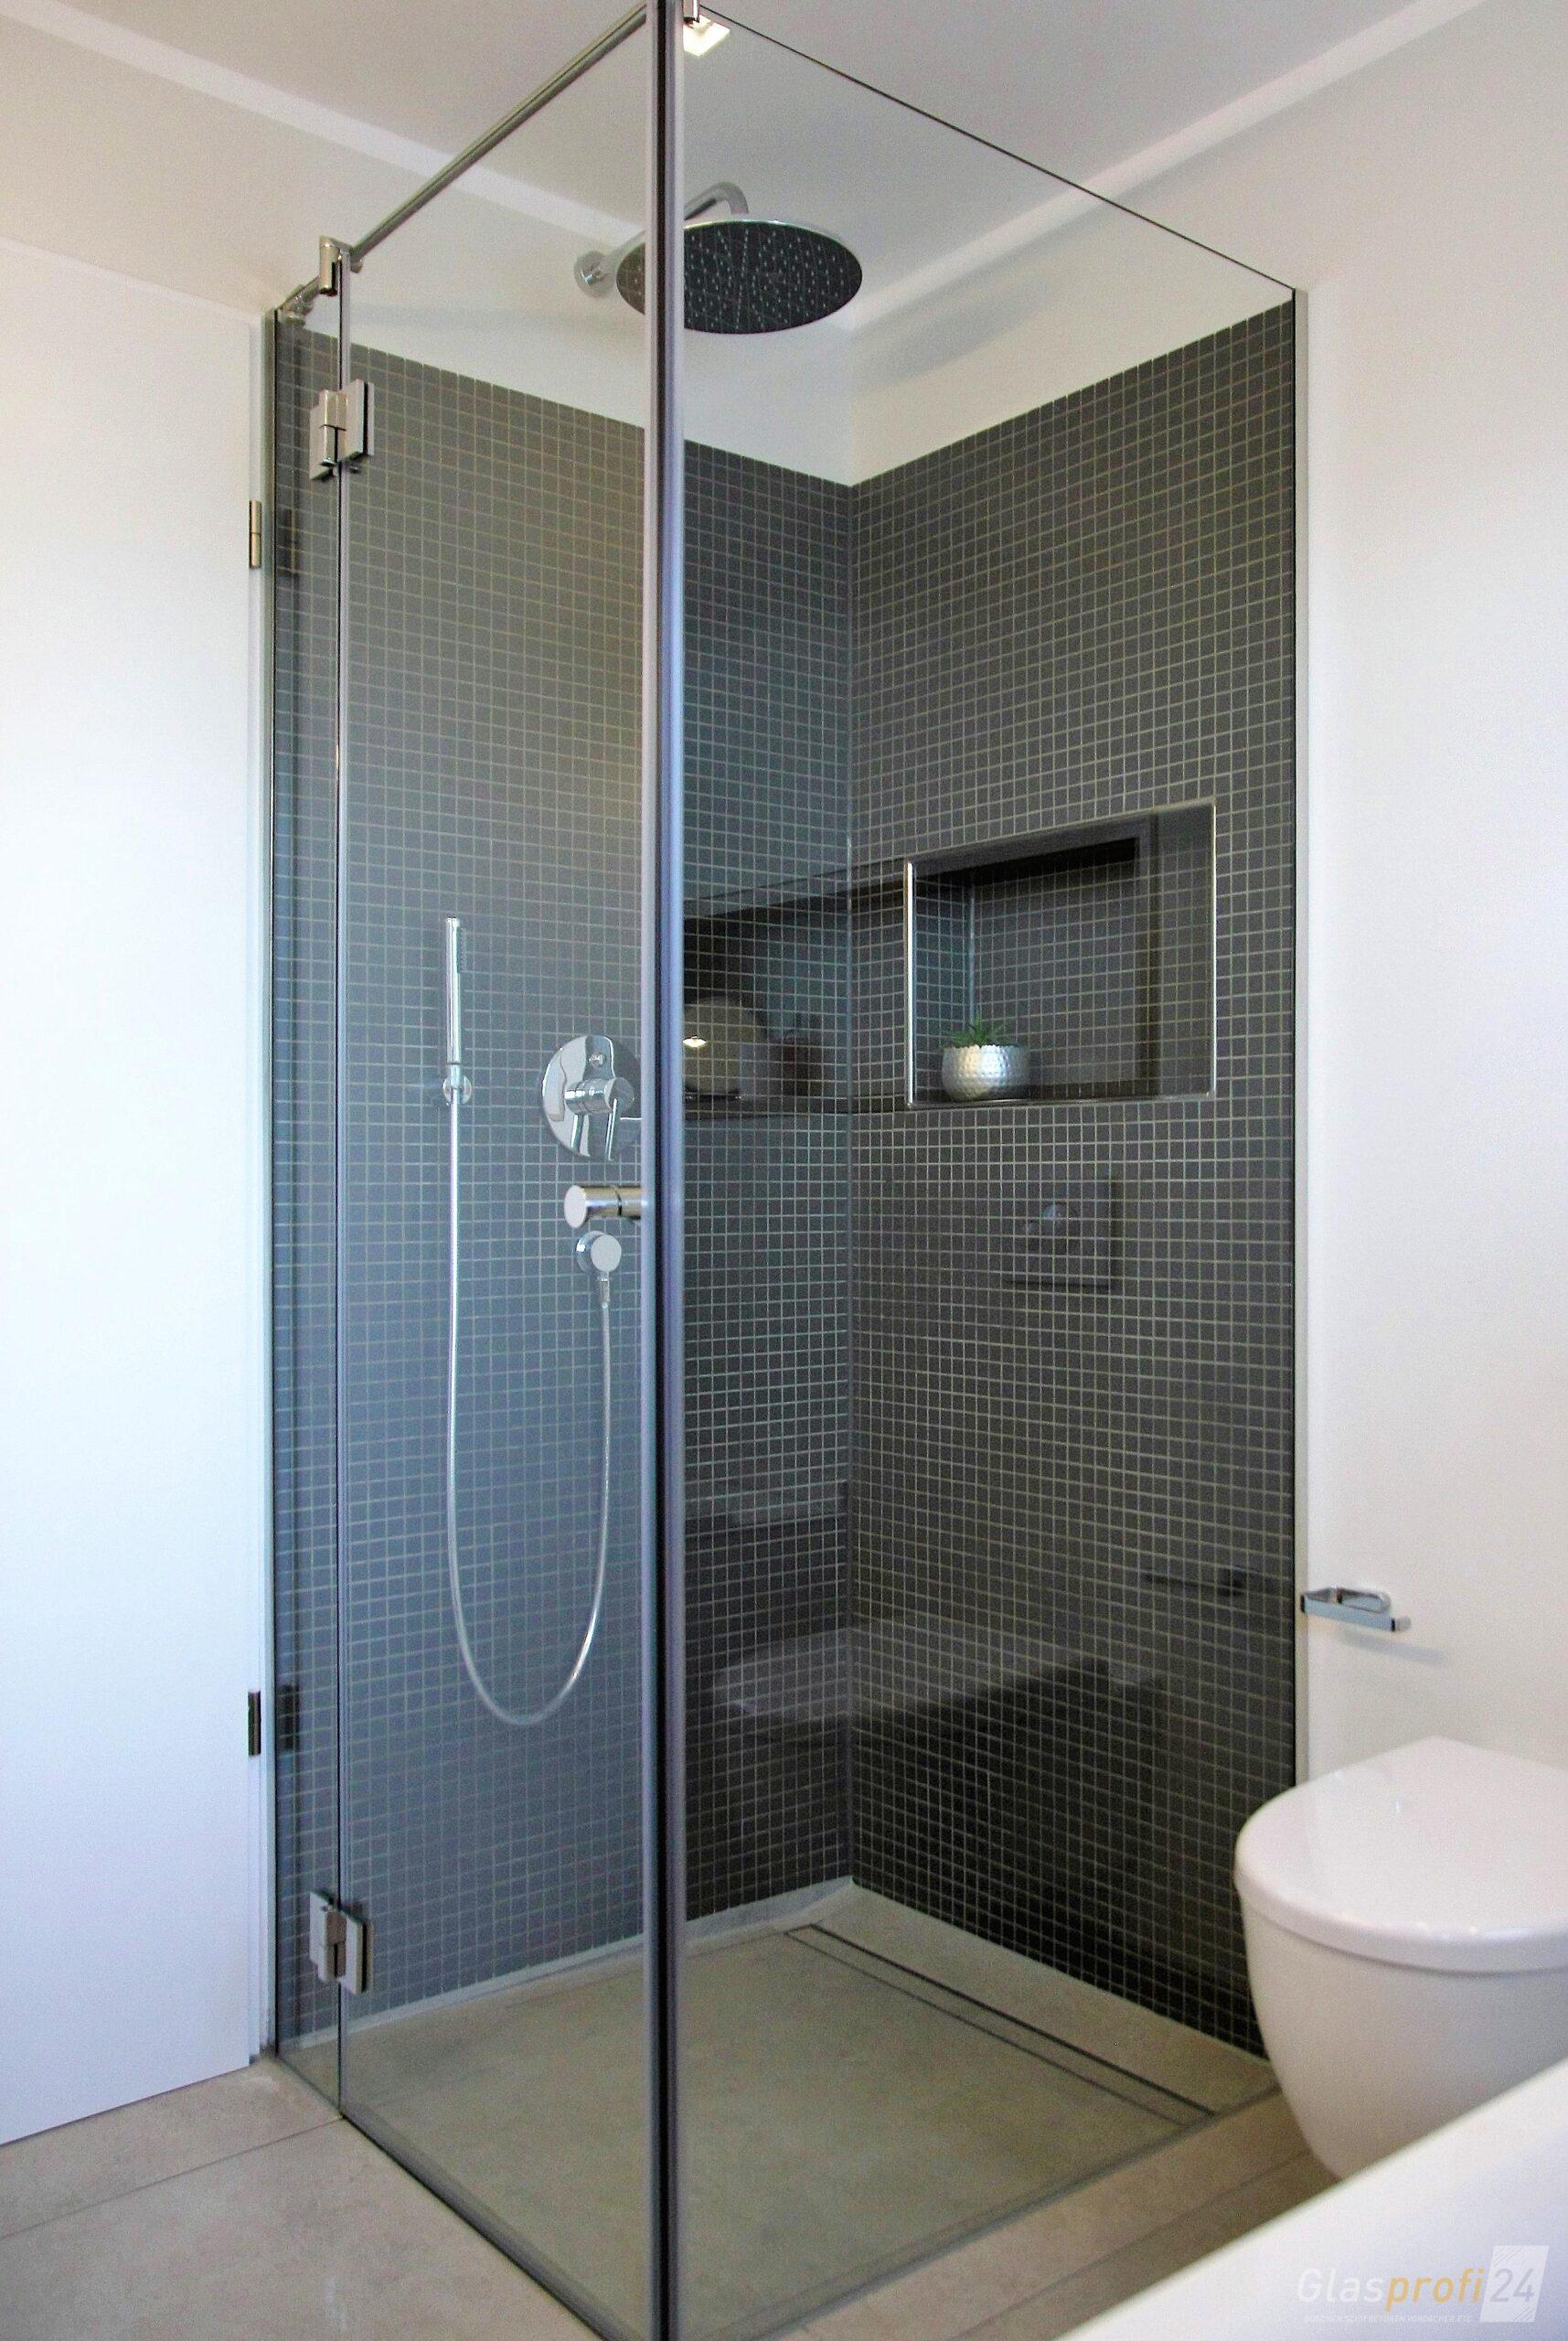 Full Size of Eckdusche Glaseckdusche Glasprofi24 Badewanne Mit Tür Und Dusche Siphon Duschen Kaufen Mischbatterie Eckeinstieg Glastür Sprinz Bodenebene Begehbare Dusche Eckeinstieg Dusche